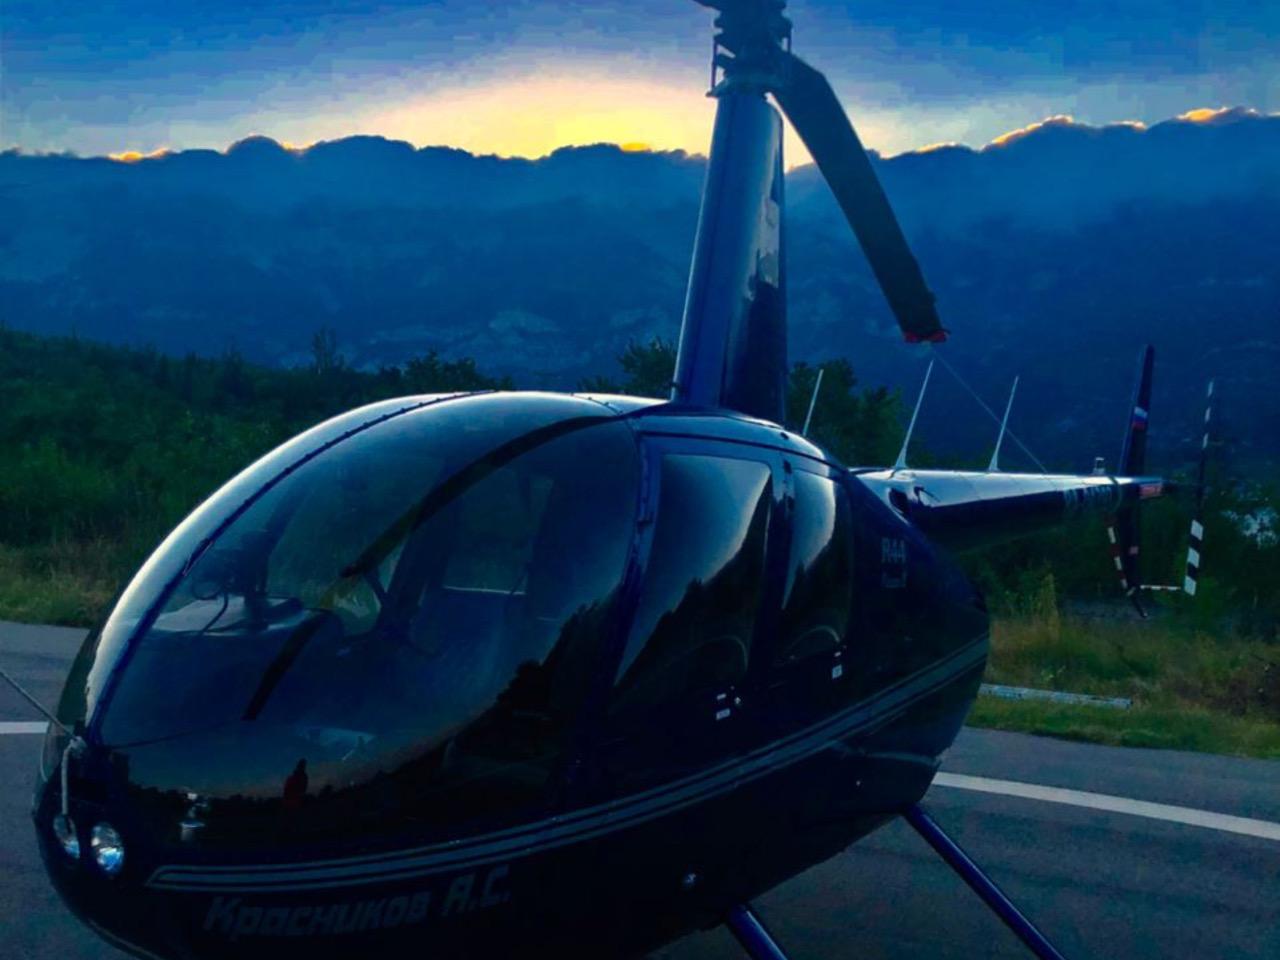 Обзорная по Ялте на вертолете - индивидуальная экскурсия в Ялте от опытного гида